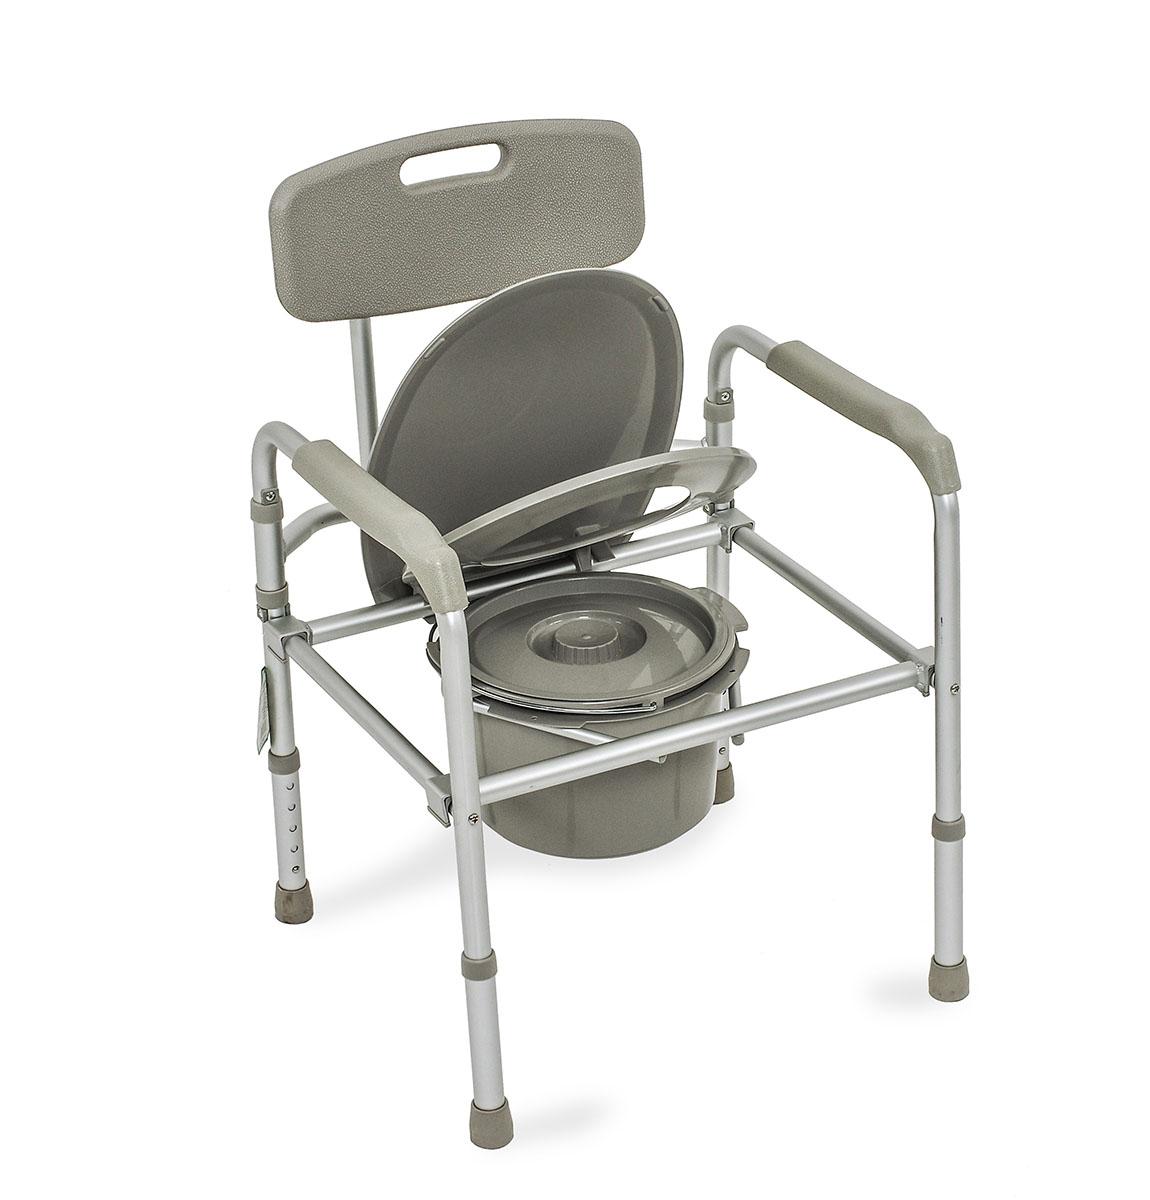 Amrus Кресло-туалет облегченное со спинкой, регулируемое по высоте AMCB6808AMCB6808Характеристики: Регулируемая высота сиденья, регулируемые ножки с противоскользящими резиновыми наконечниками; Шаг регулировки: 2,5 см.; Размеры (ШхГхВ) сиденья от пола 420х430х360-460 мм.; Максимальная статическая нагрузка 100 кг.; Срок службы не менее 5 лет; Срок действия гарантии – 12 месяцев с даты продажи; Масса не более 5,4 кг. Cкладная модель с каркасом из алюминия, с пластиковой спинкой.